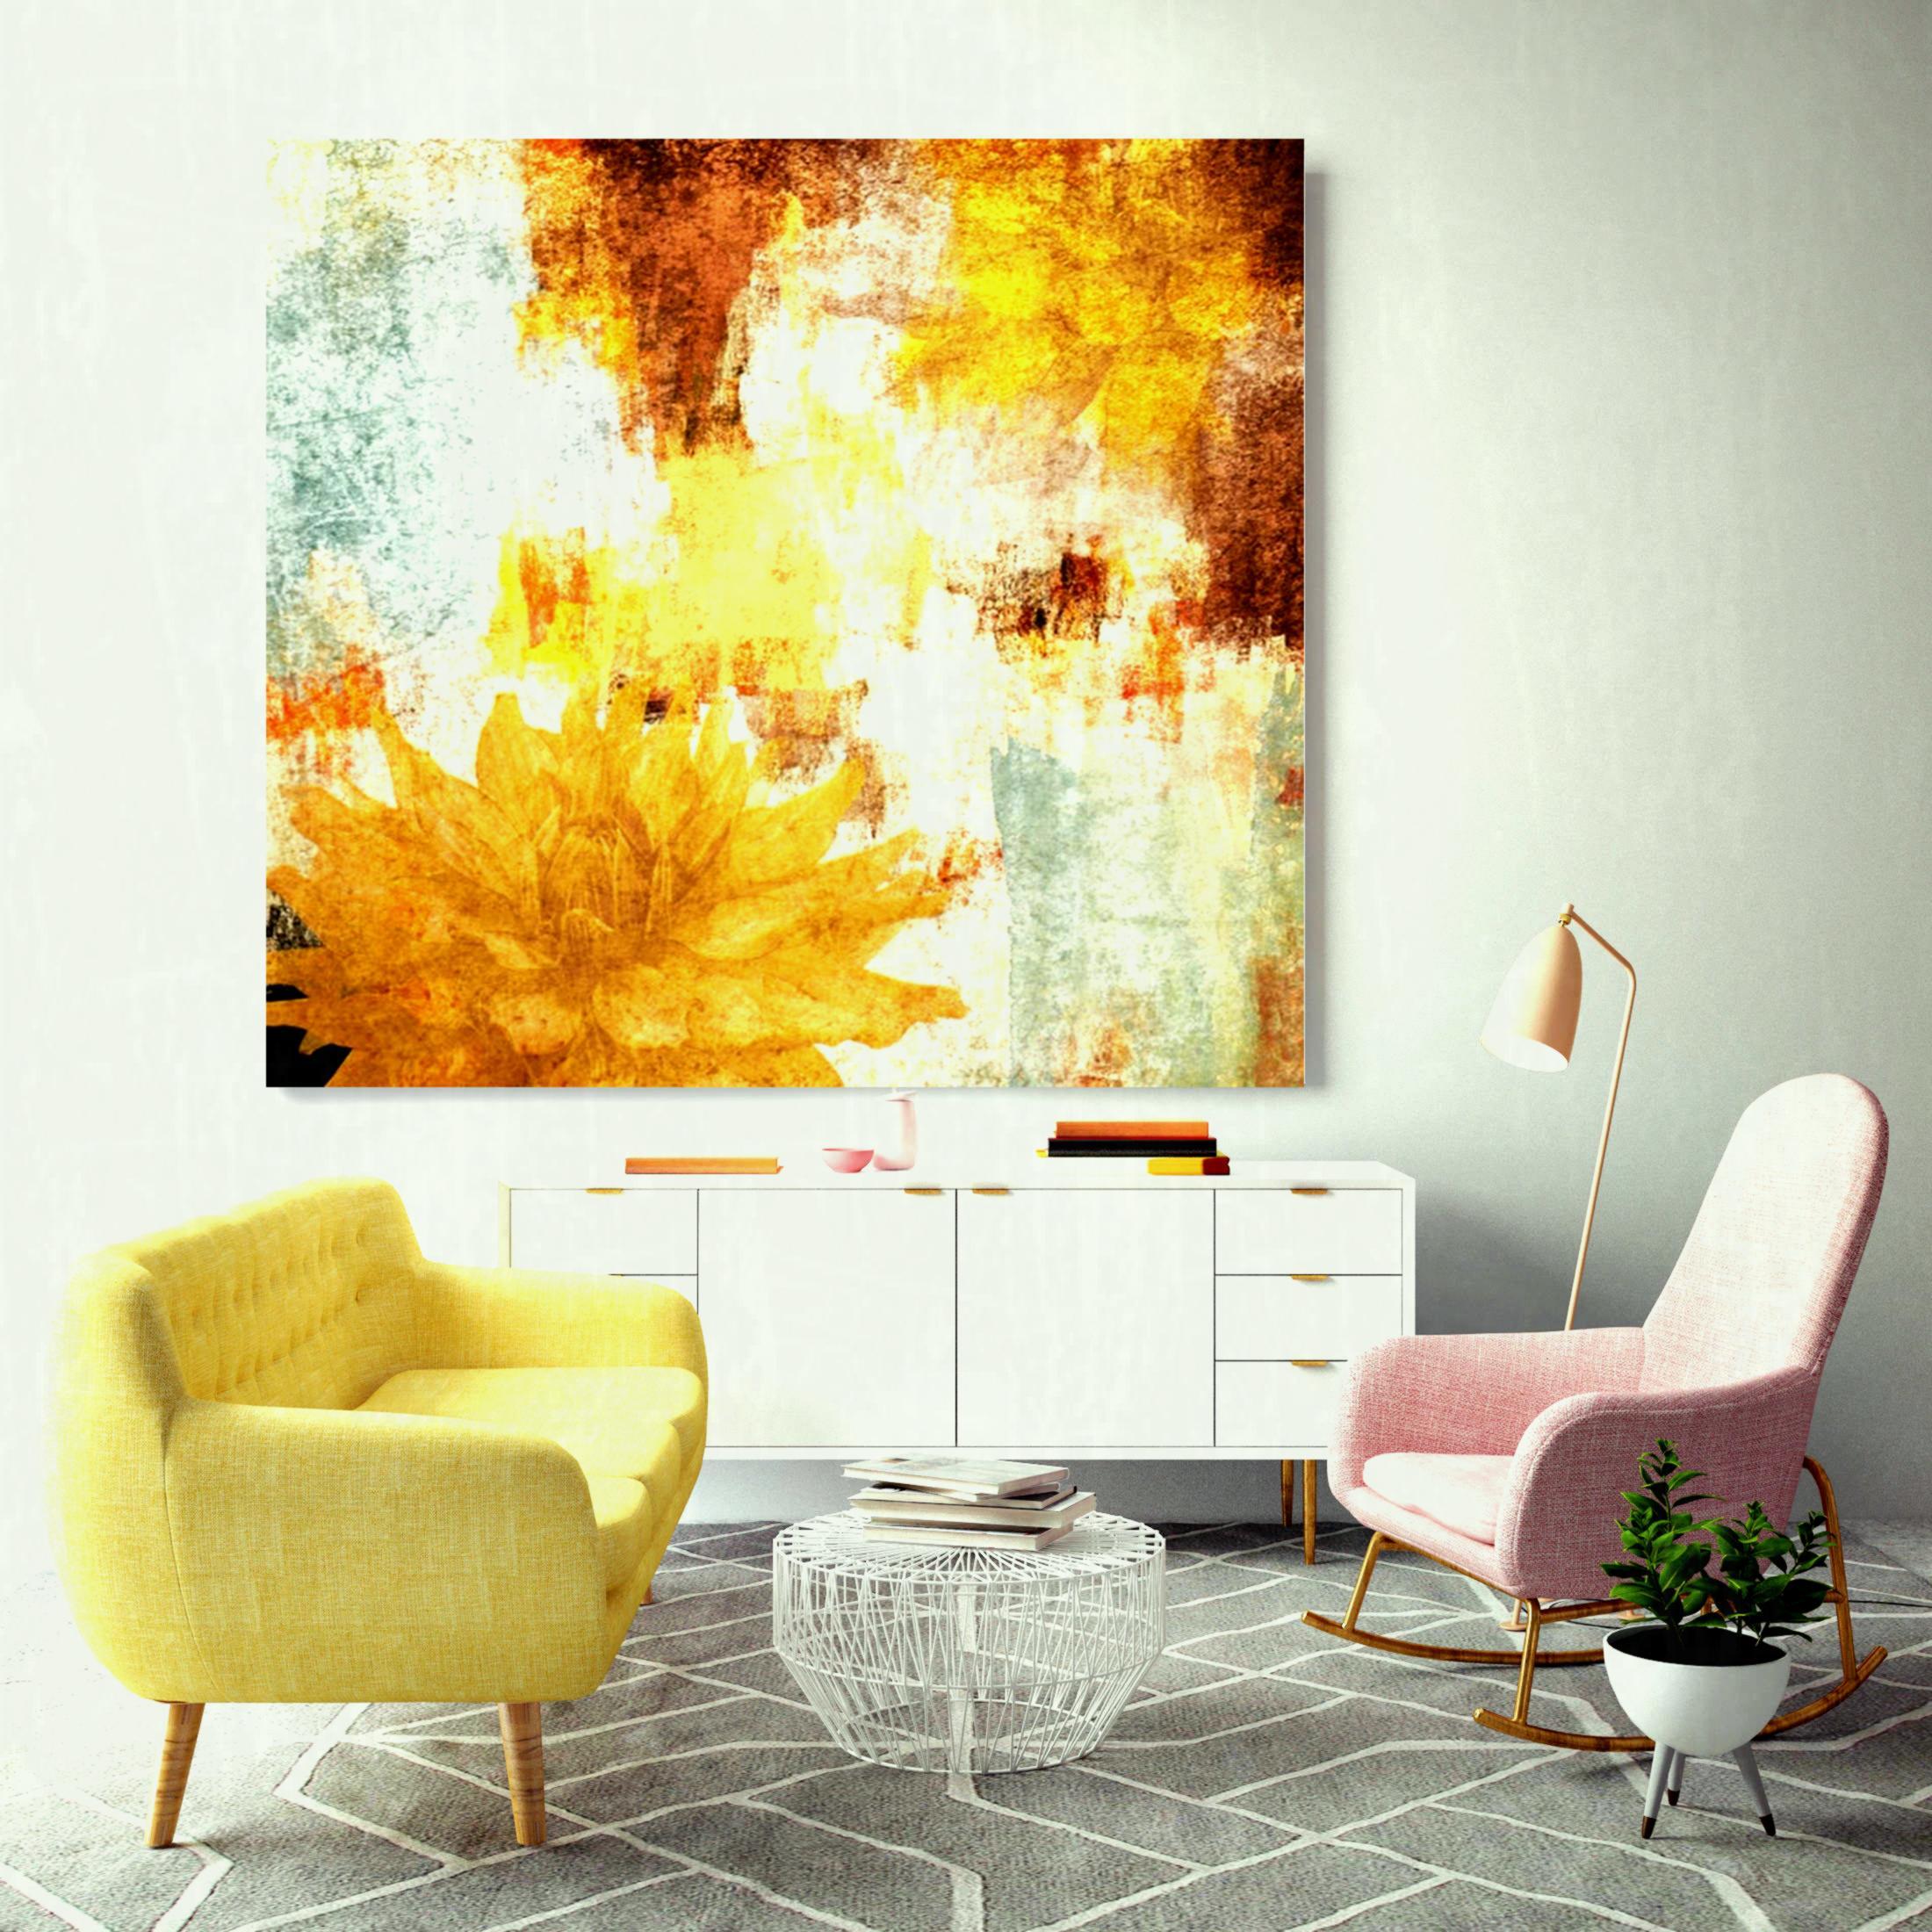 مدل تابلو نقاشی های مدرن در دکوراسیون خانه